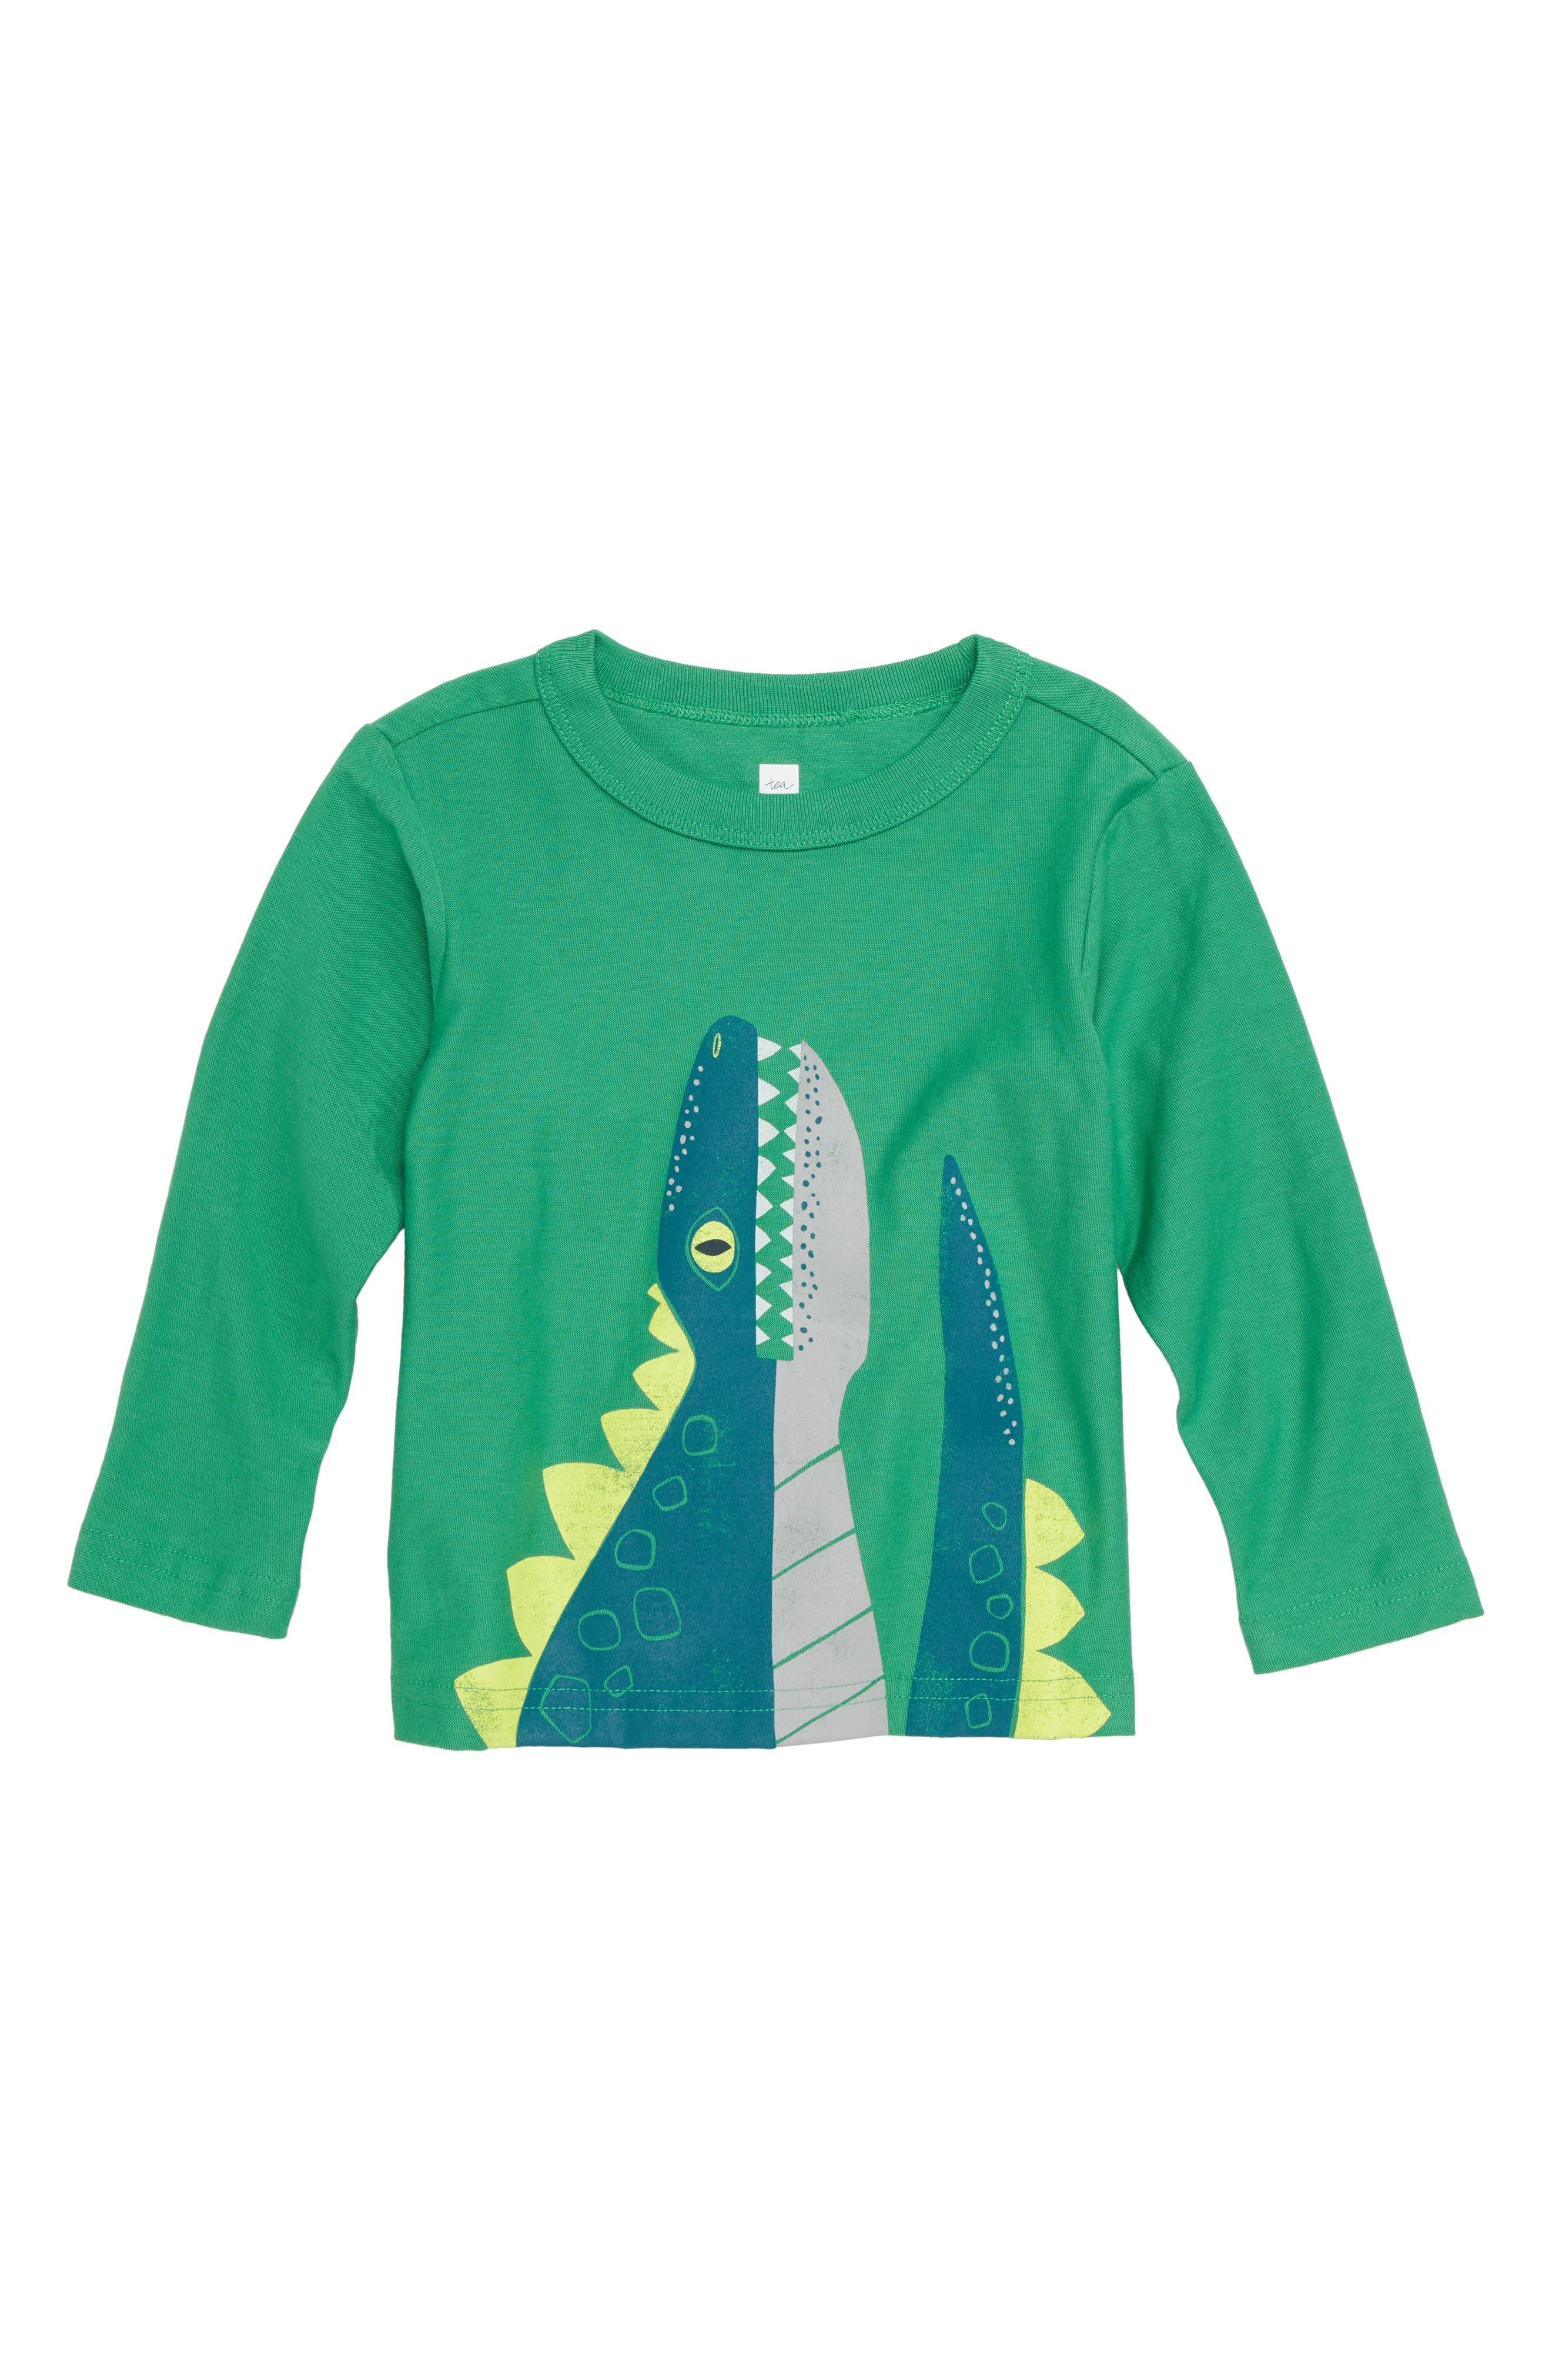 Dino T-Shirt,                             Main thumbnail 1, color,                             SPINACH